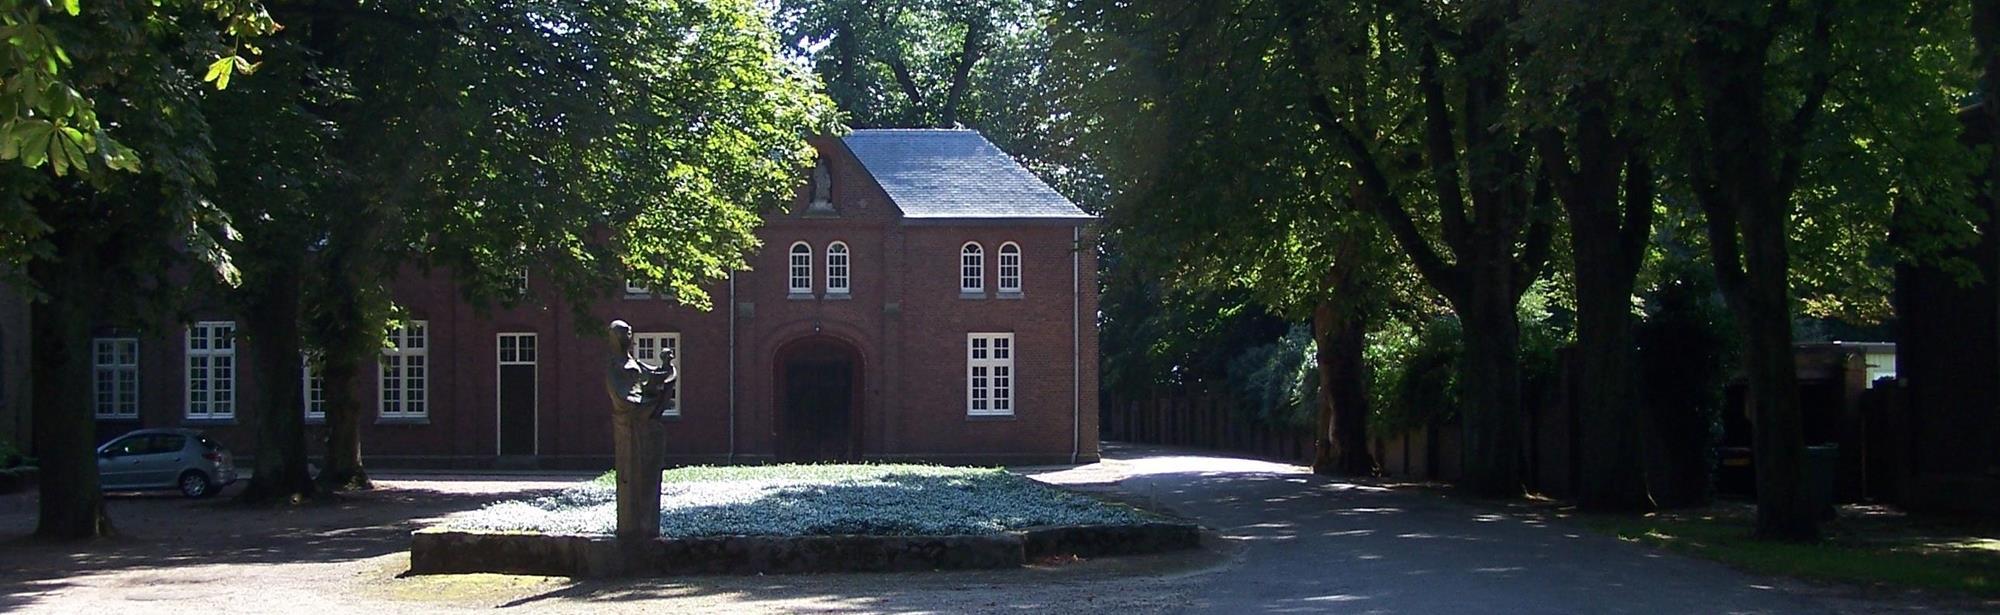 Klooster- en Abdijwinkel Lilbosch